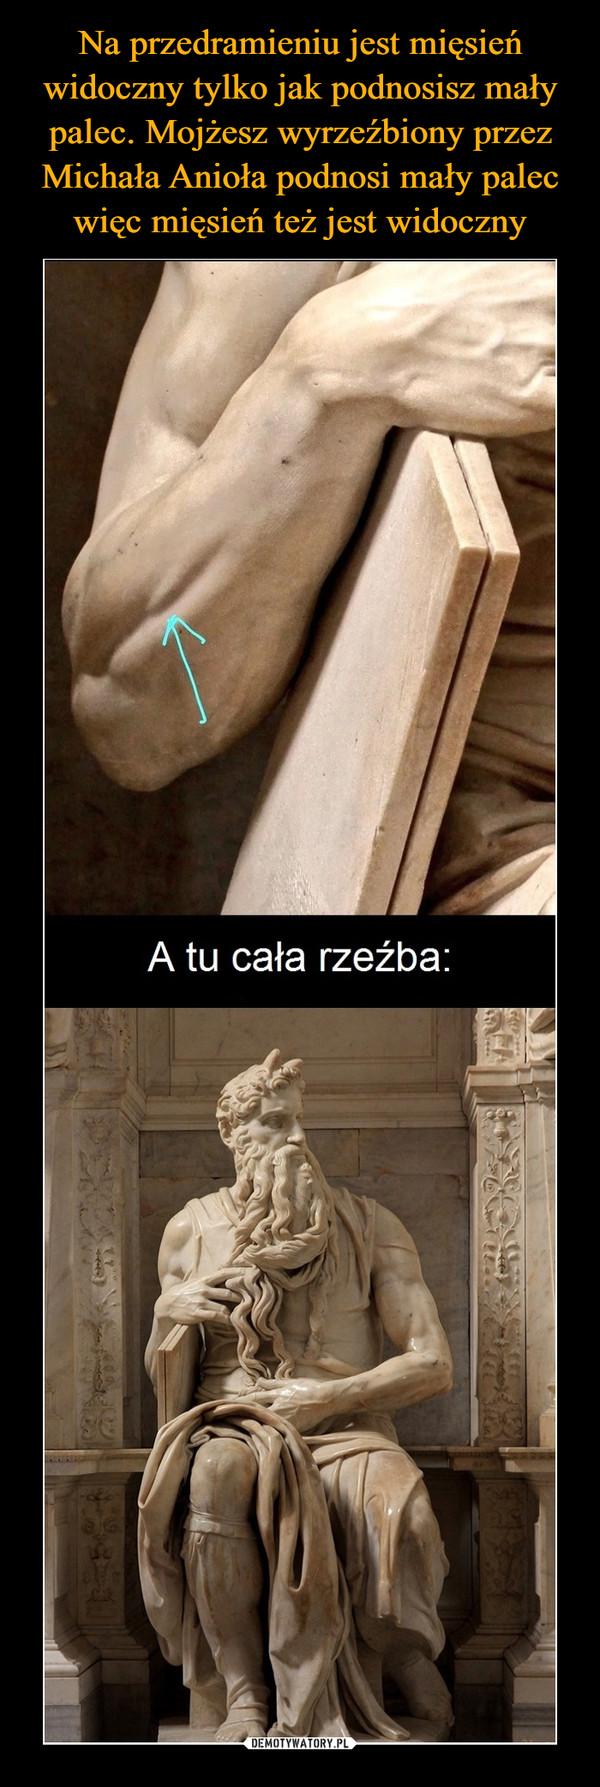 –  A tu cała rzeźba: